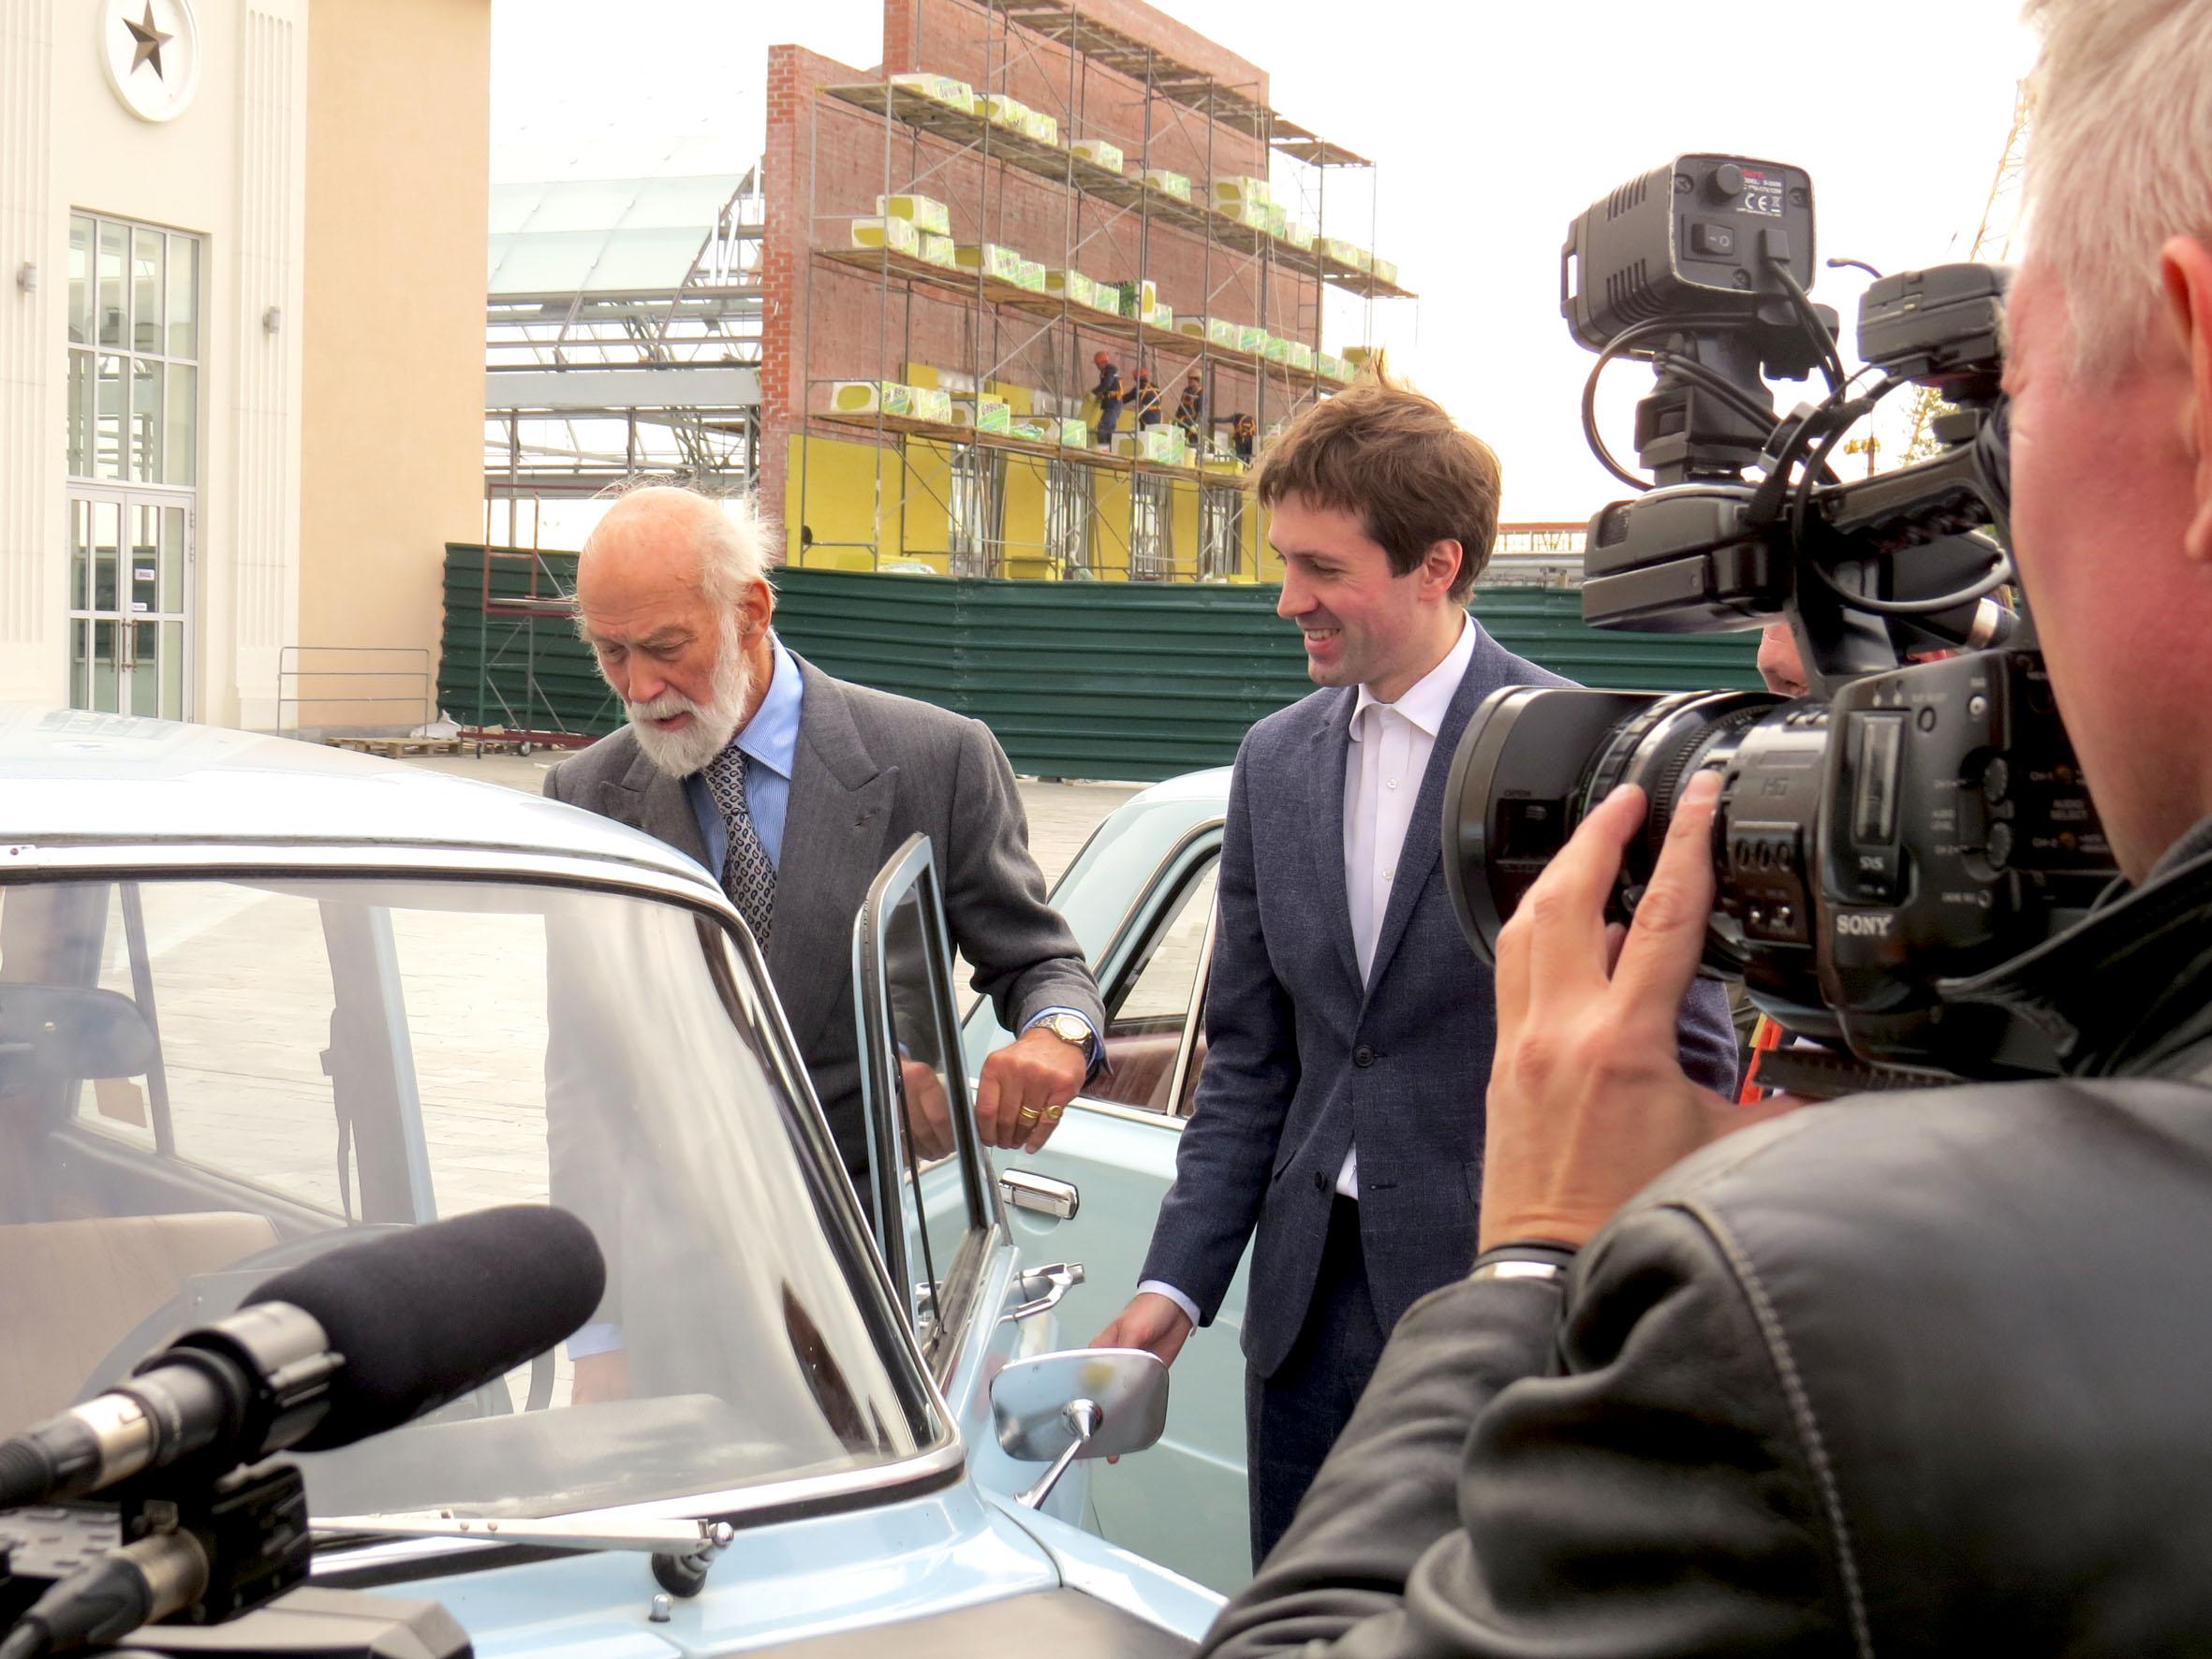 Из Великобритании в Верхнюю Пышму:   британский принц Майкл Кентский посетил Музей автомобильной техники УГМК